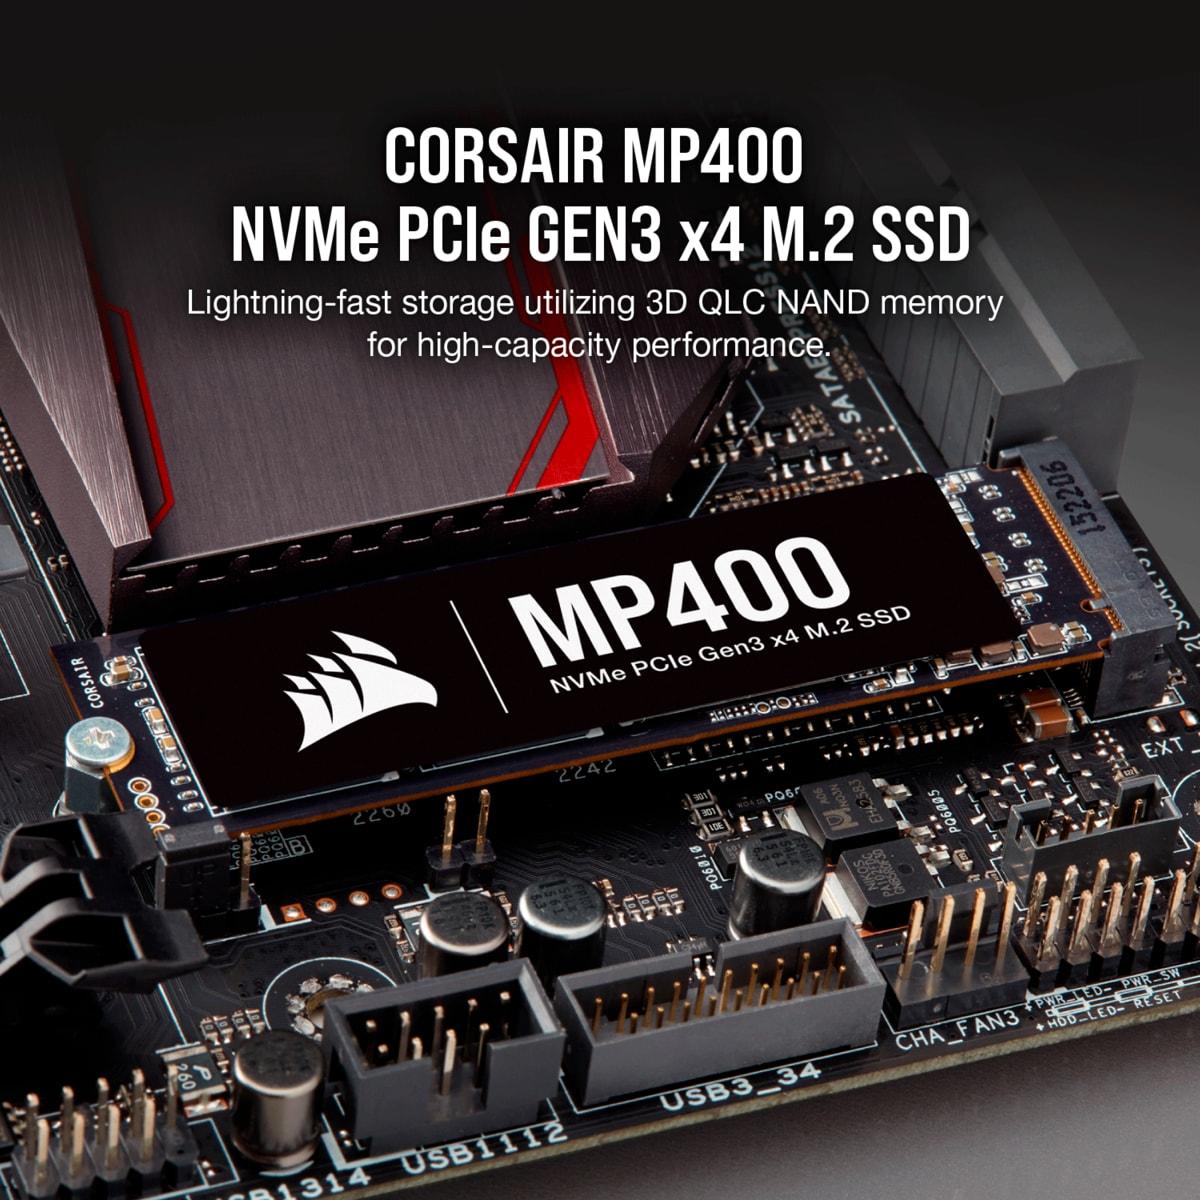 SOLIDO (M2) NVMe 1TB MP400 - CORSAIR